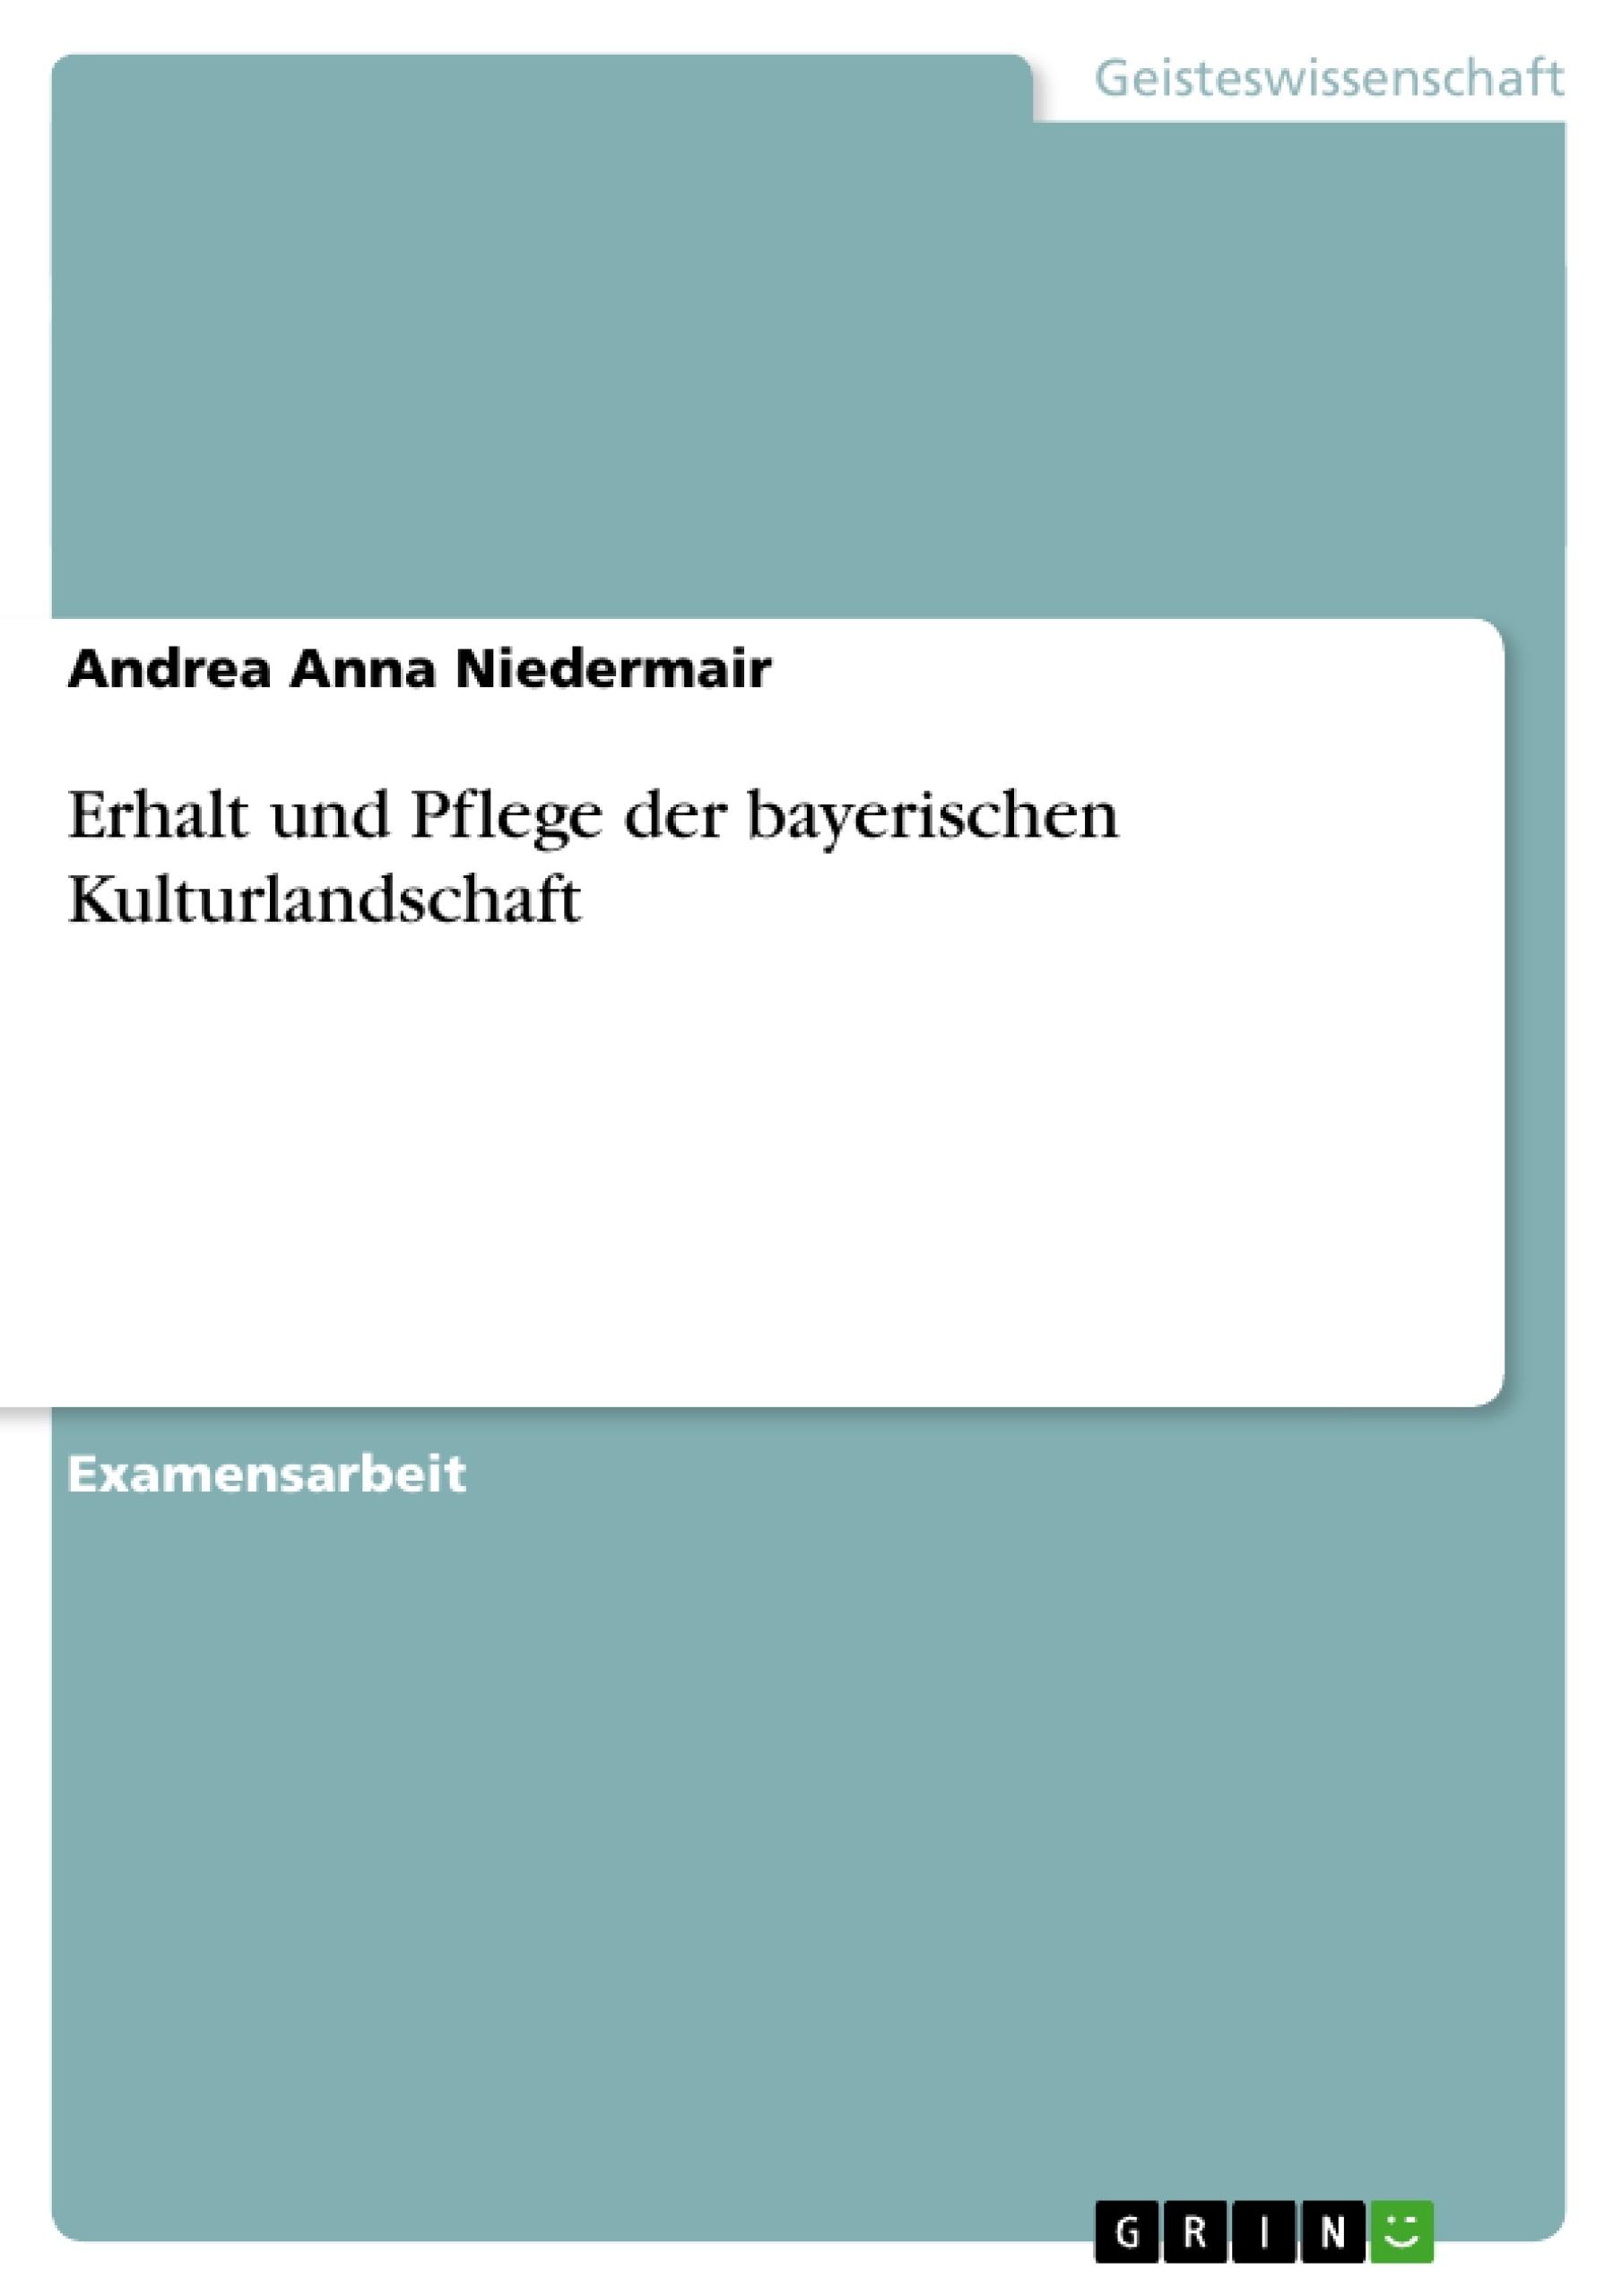 Titel: Erhalt und Pflege der bayerischen Kulturlandschaft